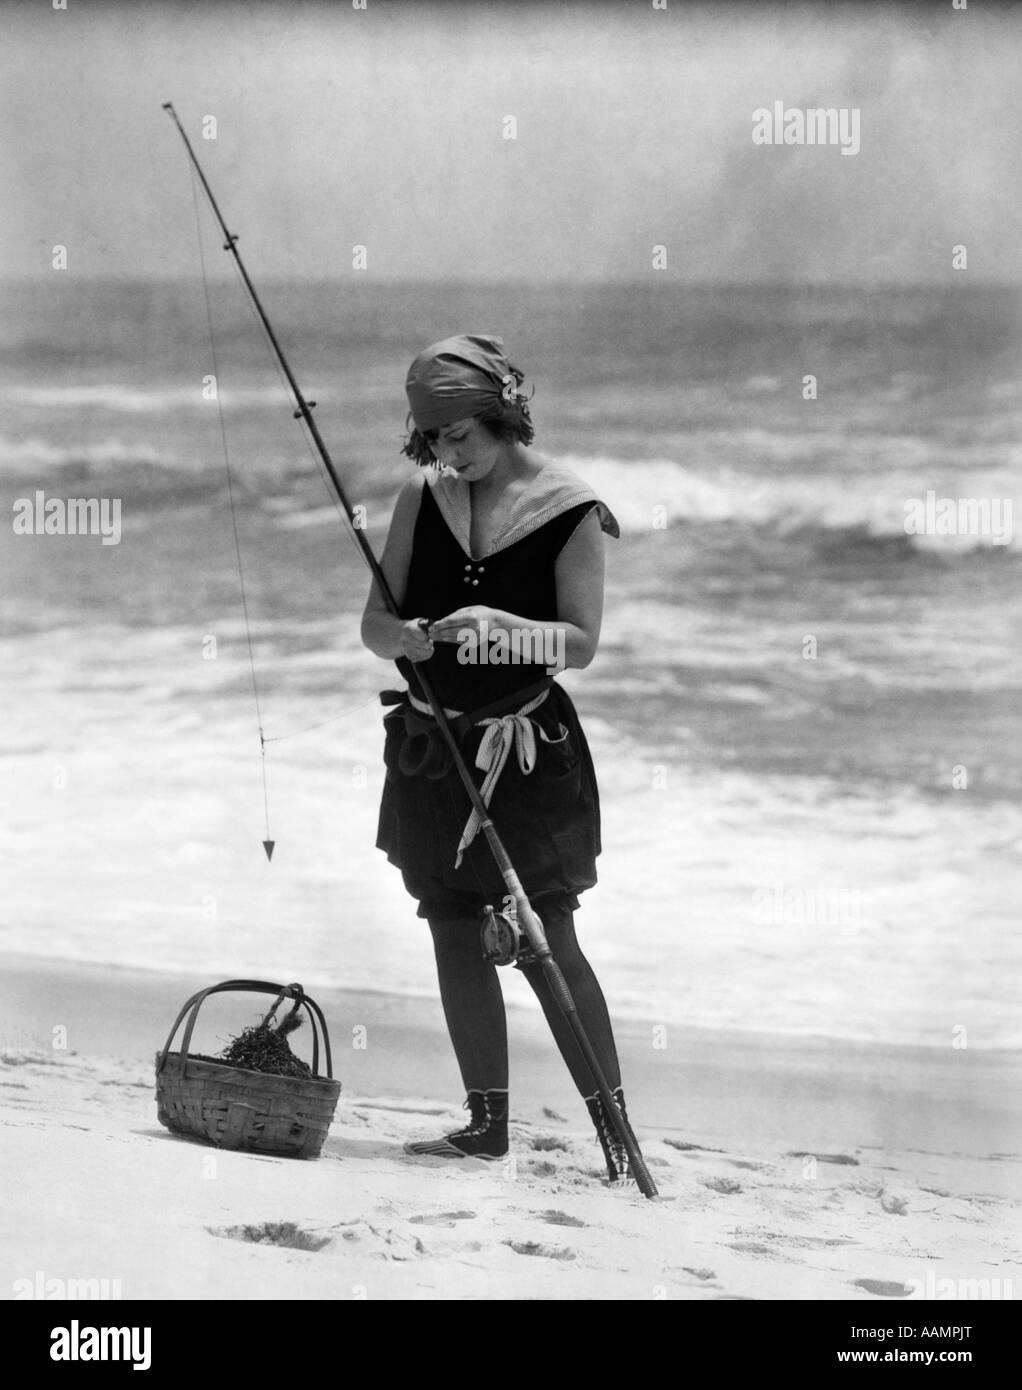 1920ER JAHREN FRAU IM BADEANZUG KOSTÜM STEHEND AUF STRAND SETZEN KÖDER AUF SURF-ANGELRUTE Stockbild